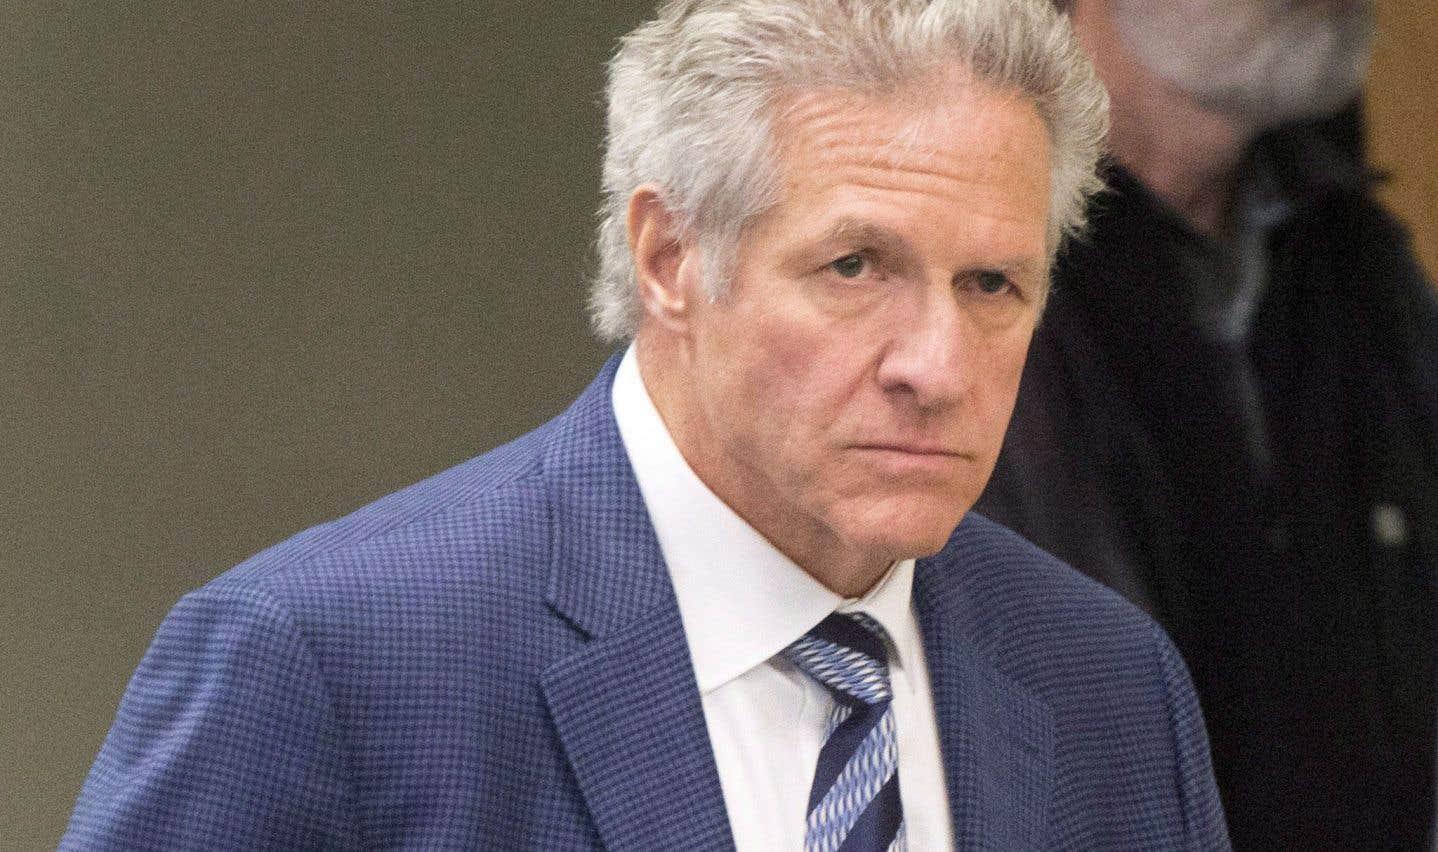 Abus de confiance: le jury a acquitté Tony Accurso